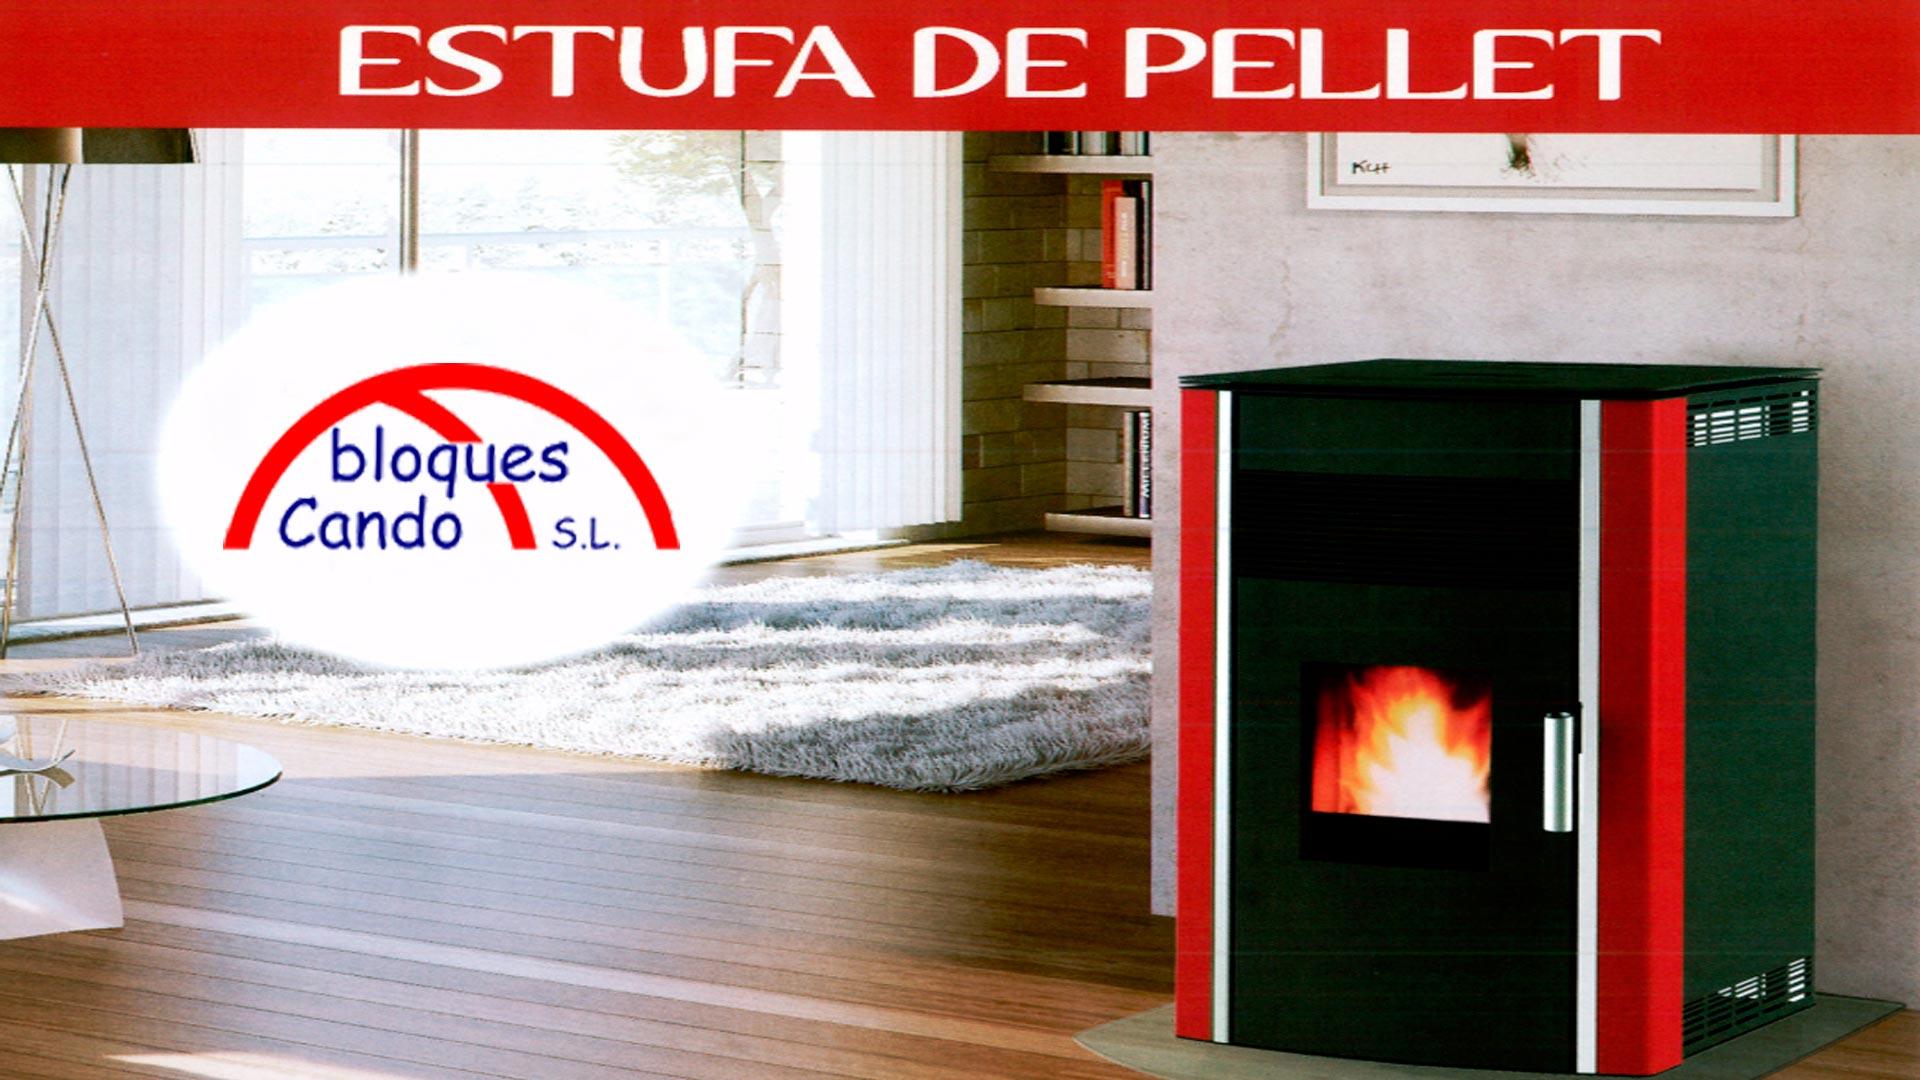 La revoluci n en los sistemas de calor las estufas de pellets - Estufa de calor ...